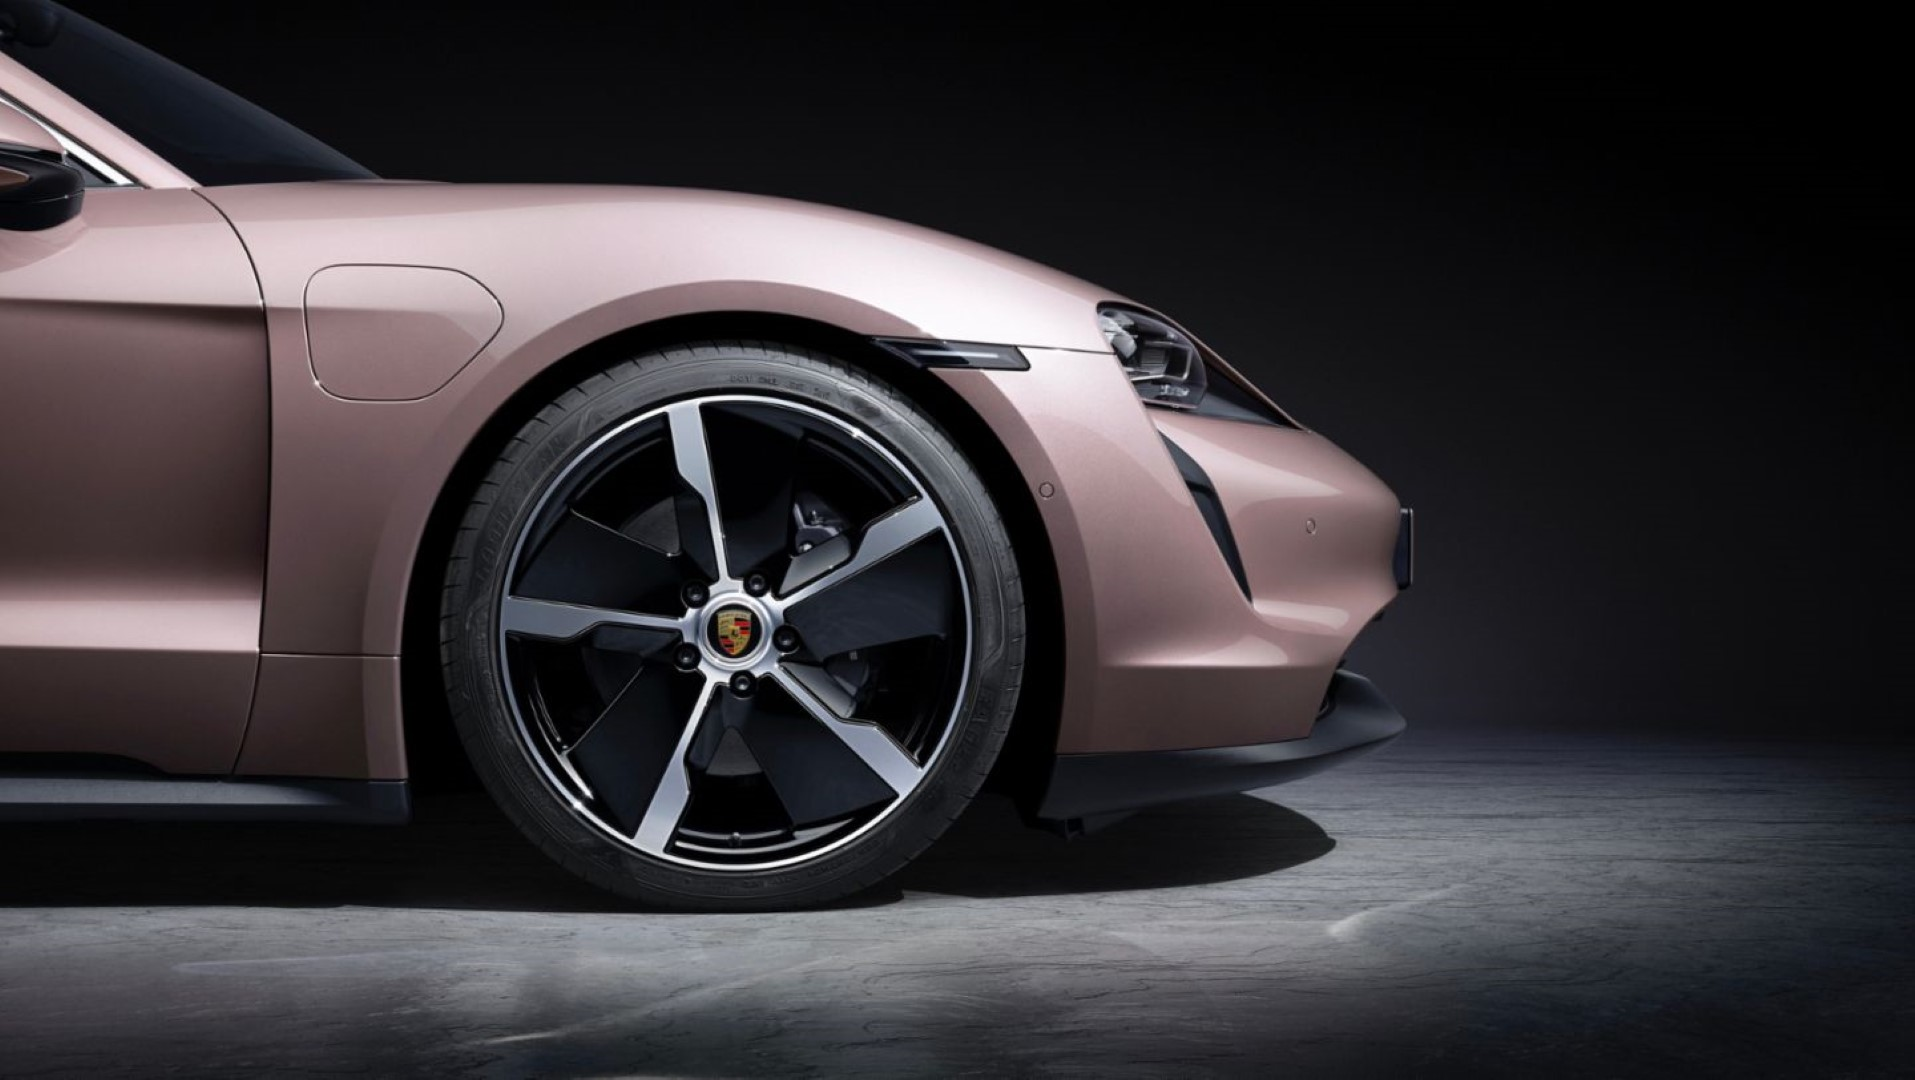 2021 Porsche Taycan rims